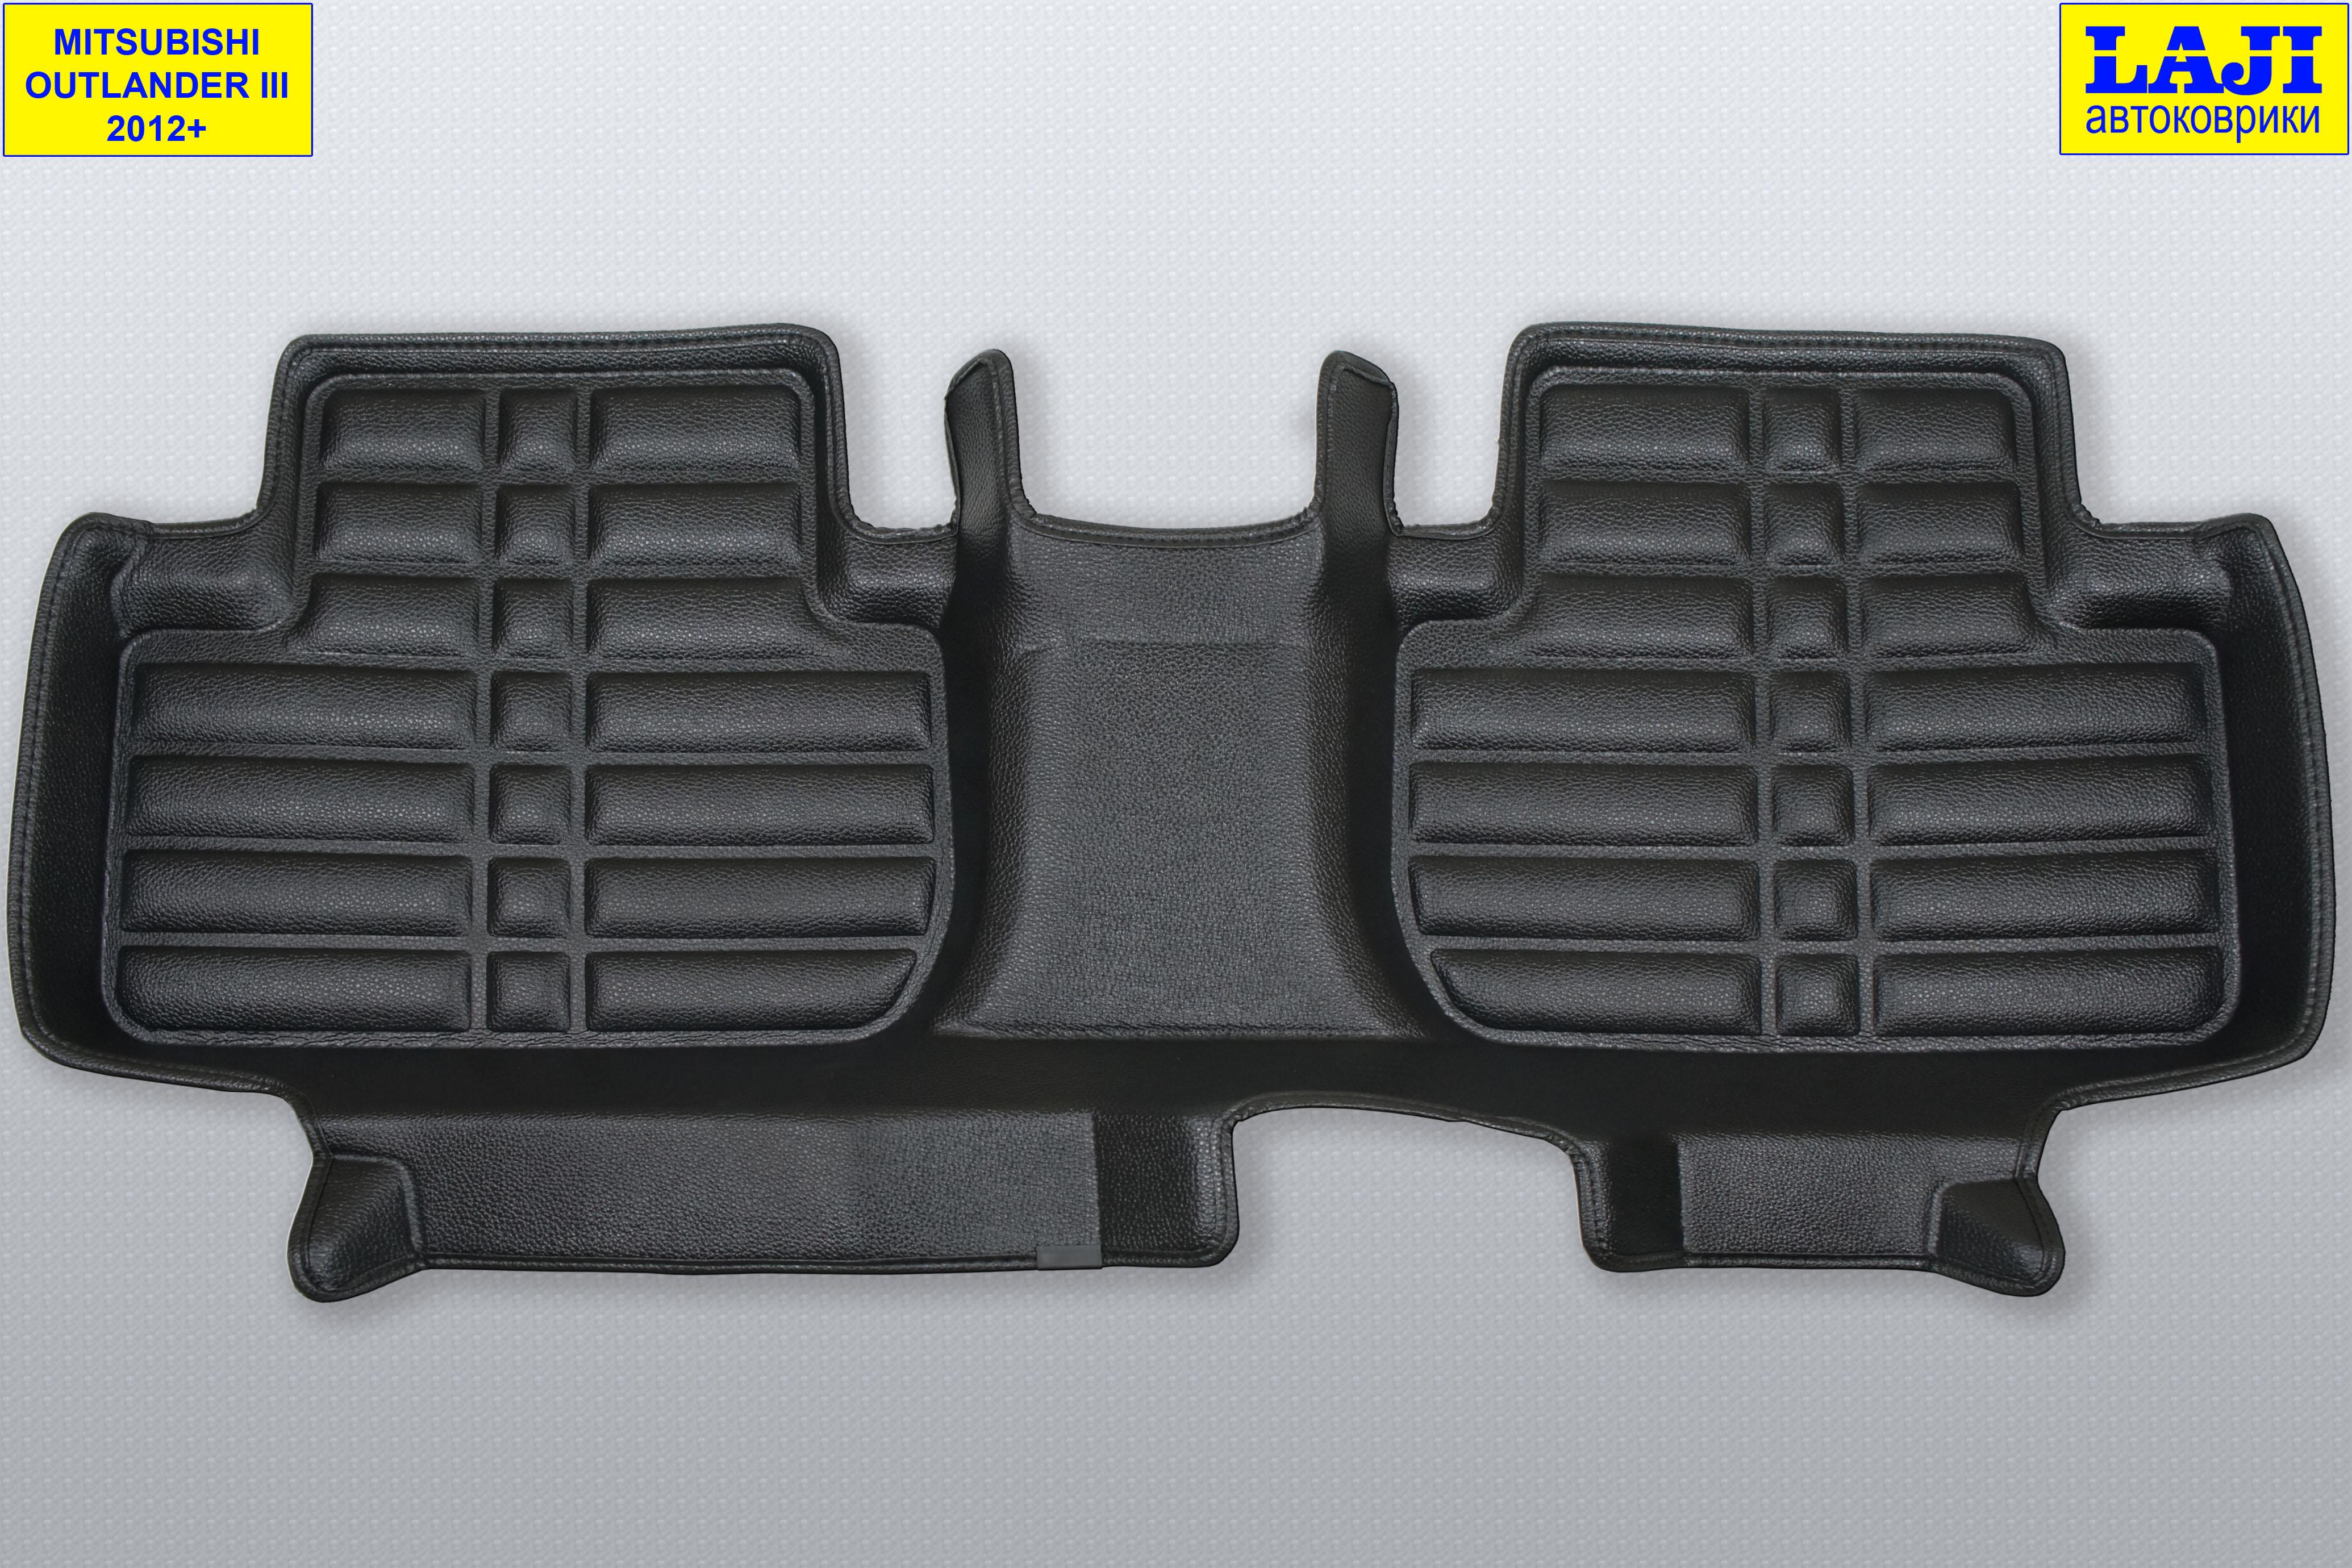 5D коврики в салон Mitsubishi Outlander III 2012-н.в. 10